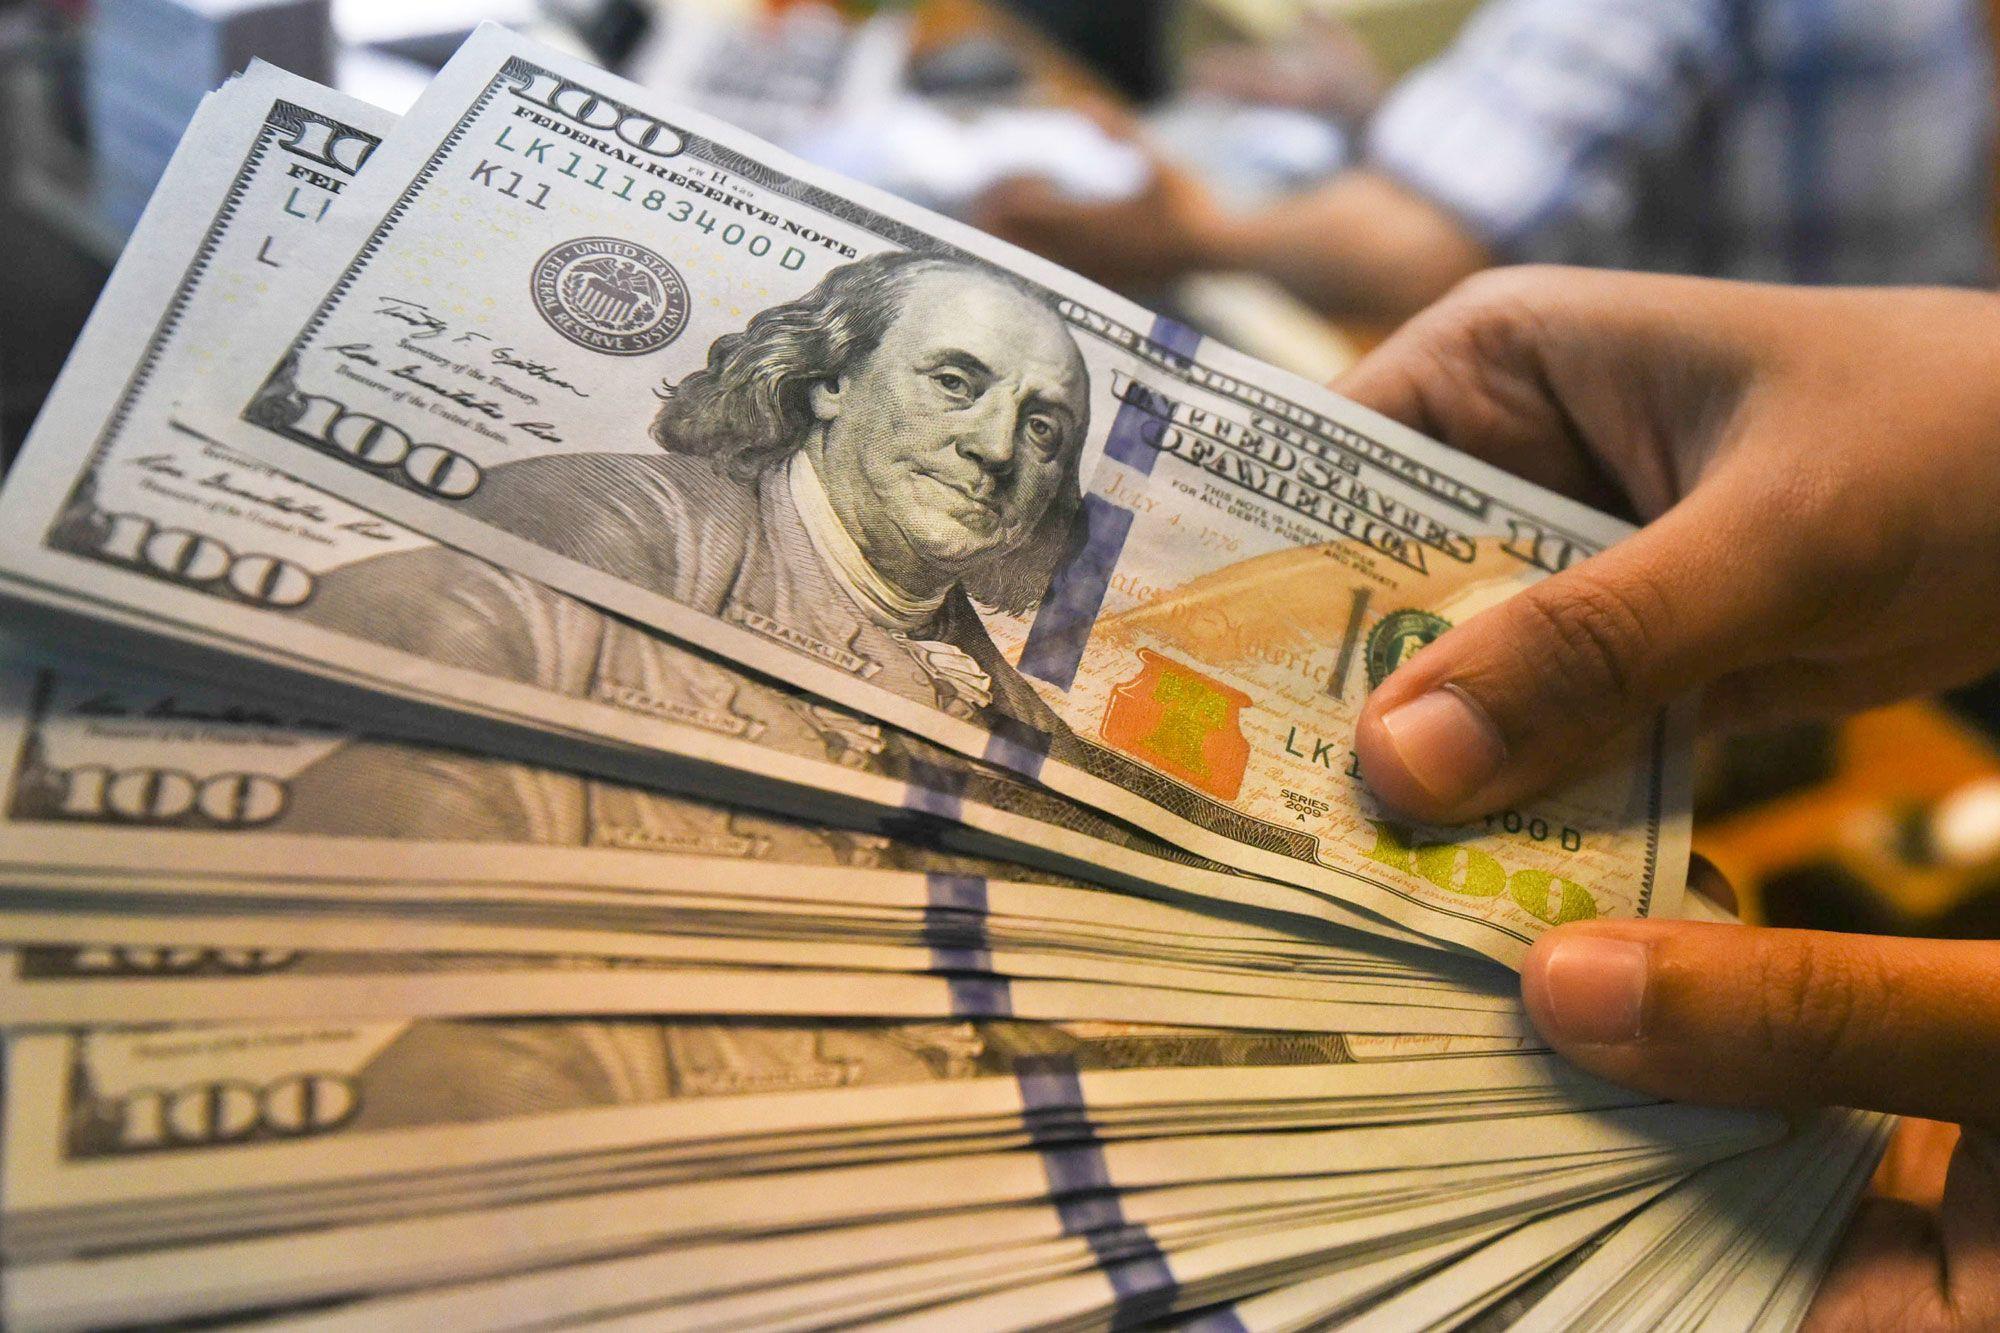 Tỷ giá USD hôm nay 14/5: Tăng trên thị trường quốc tế - Ảnh 1.